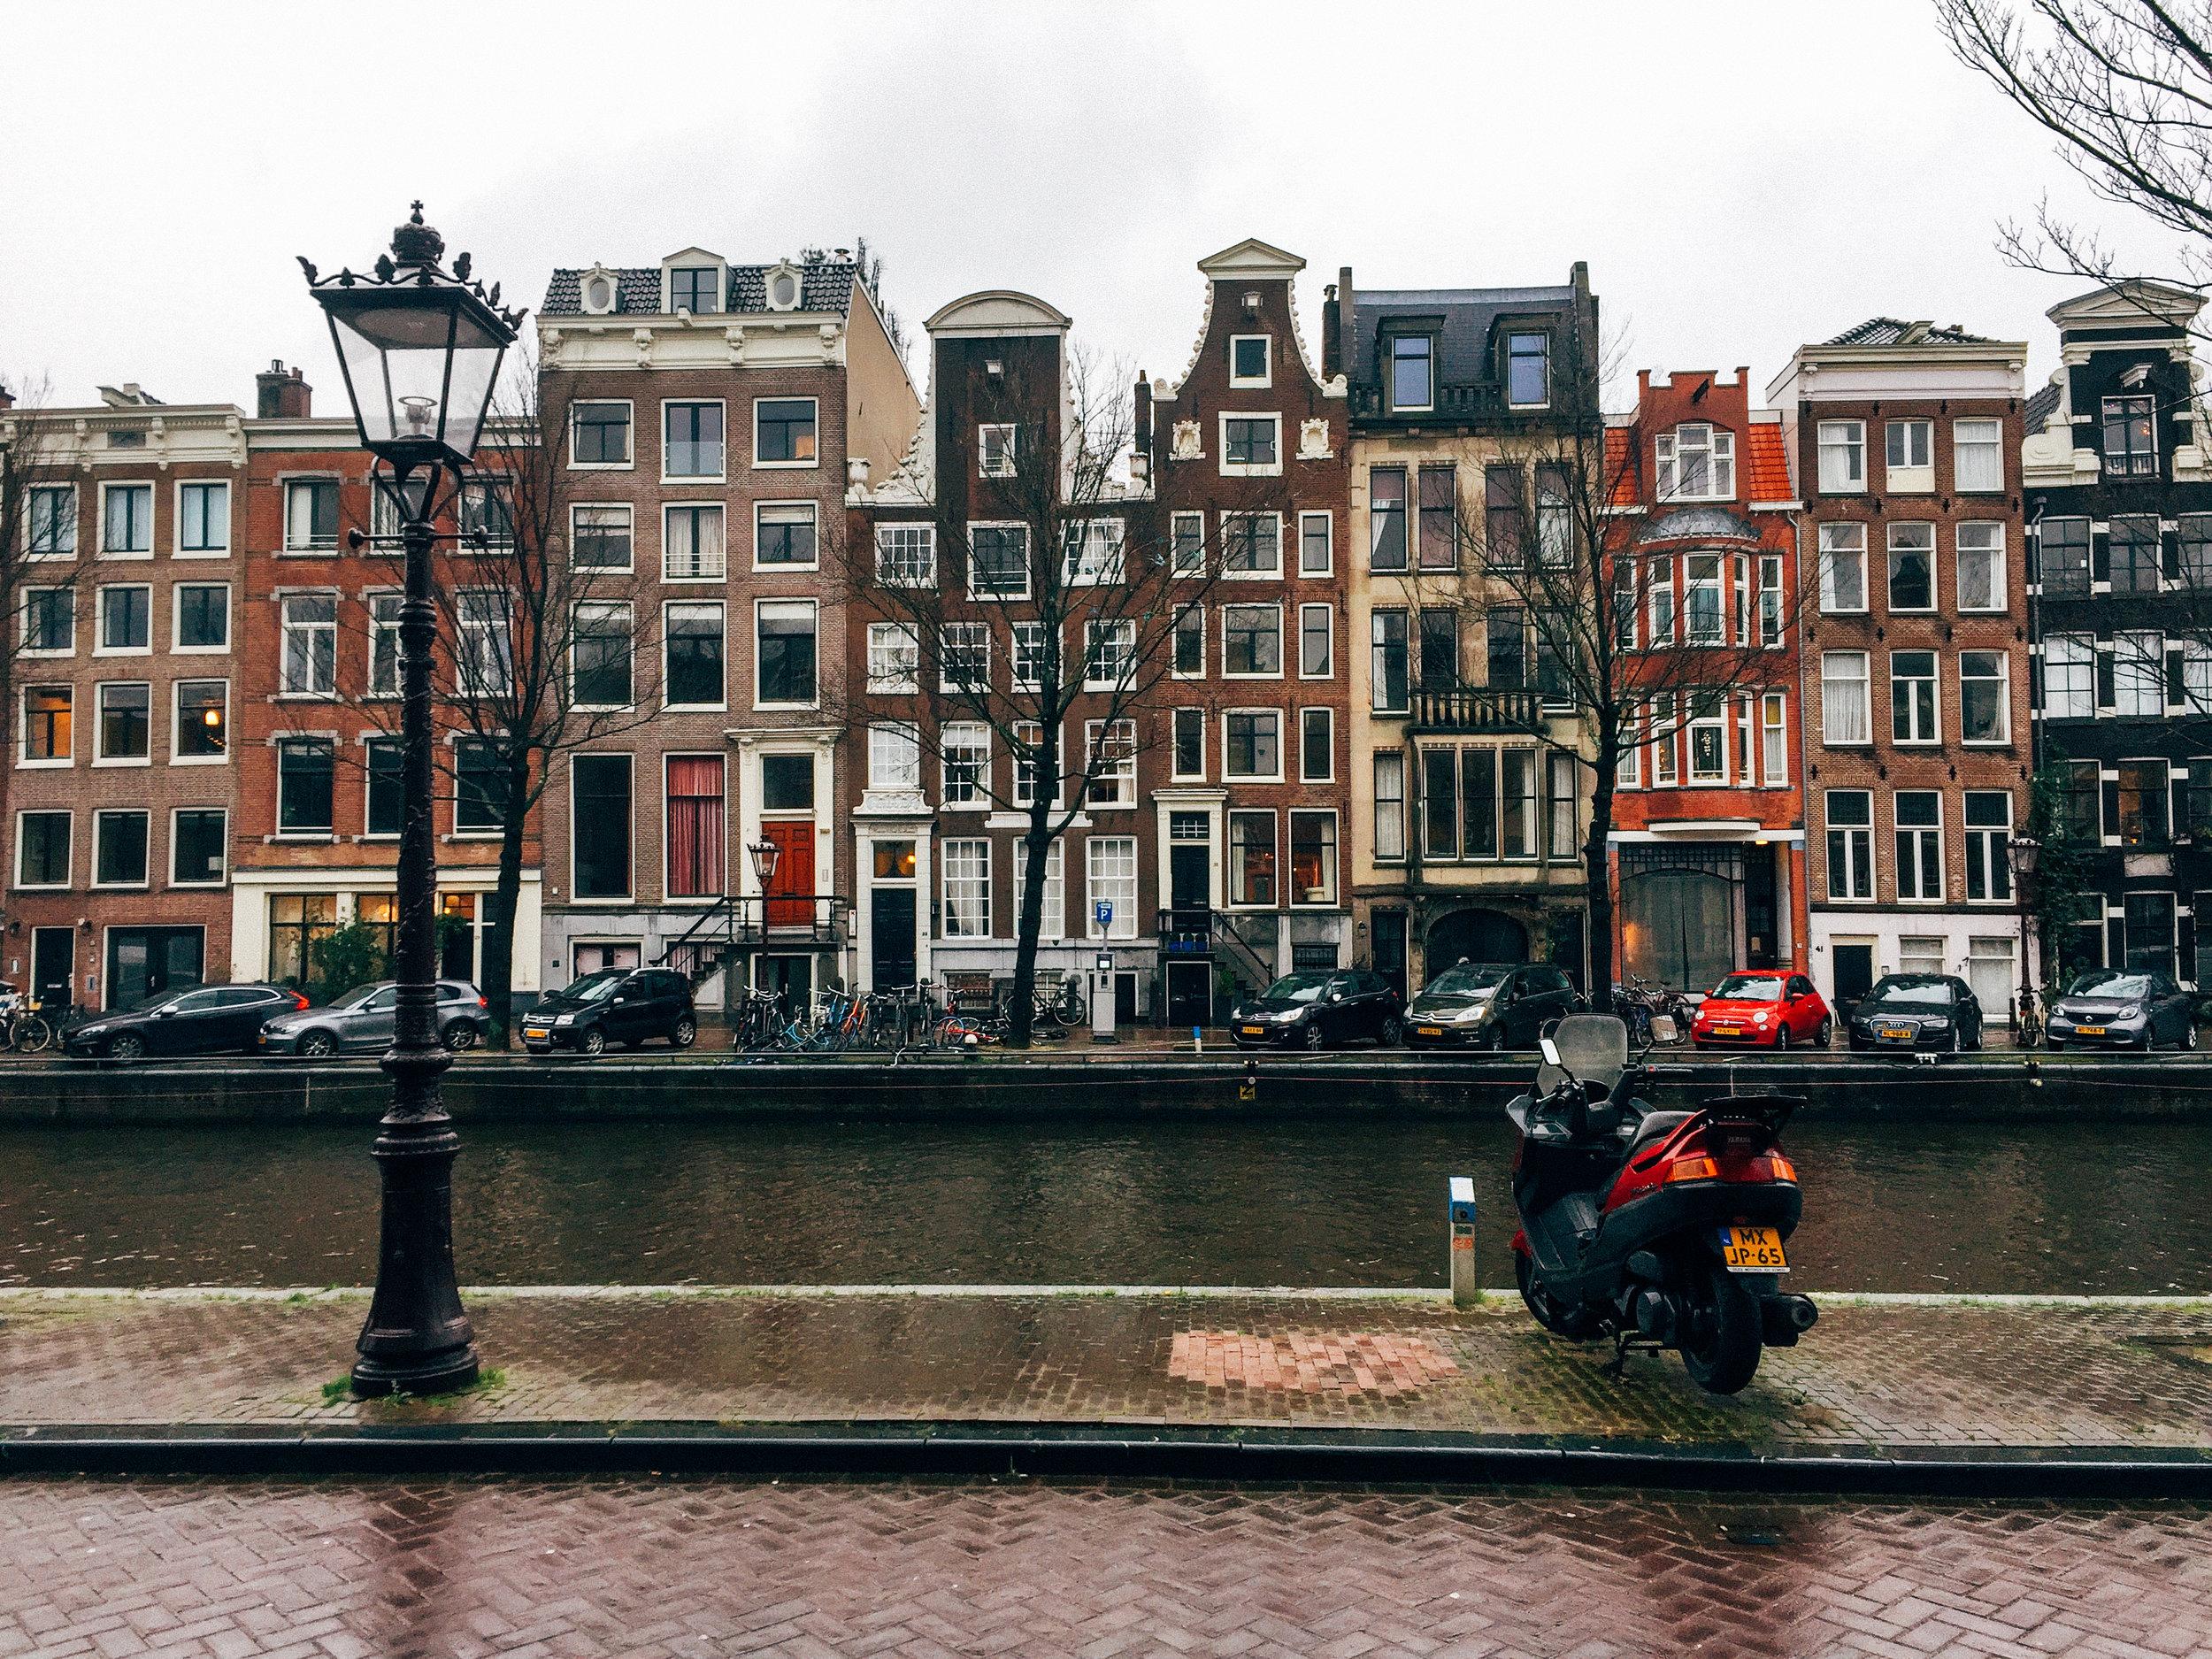 NYE in Amsterdam_QuinnsPlace-17-2.jpg